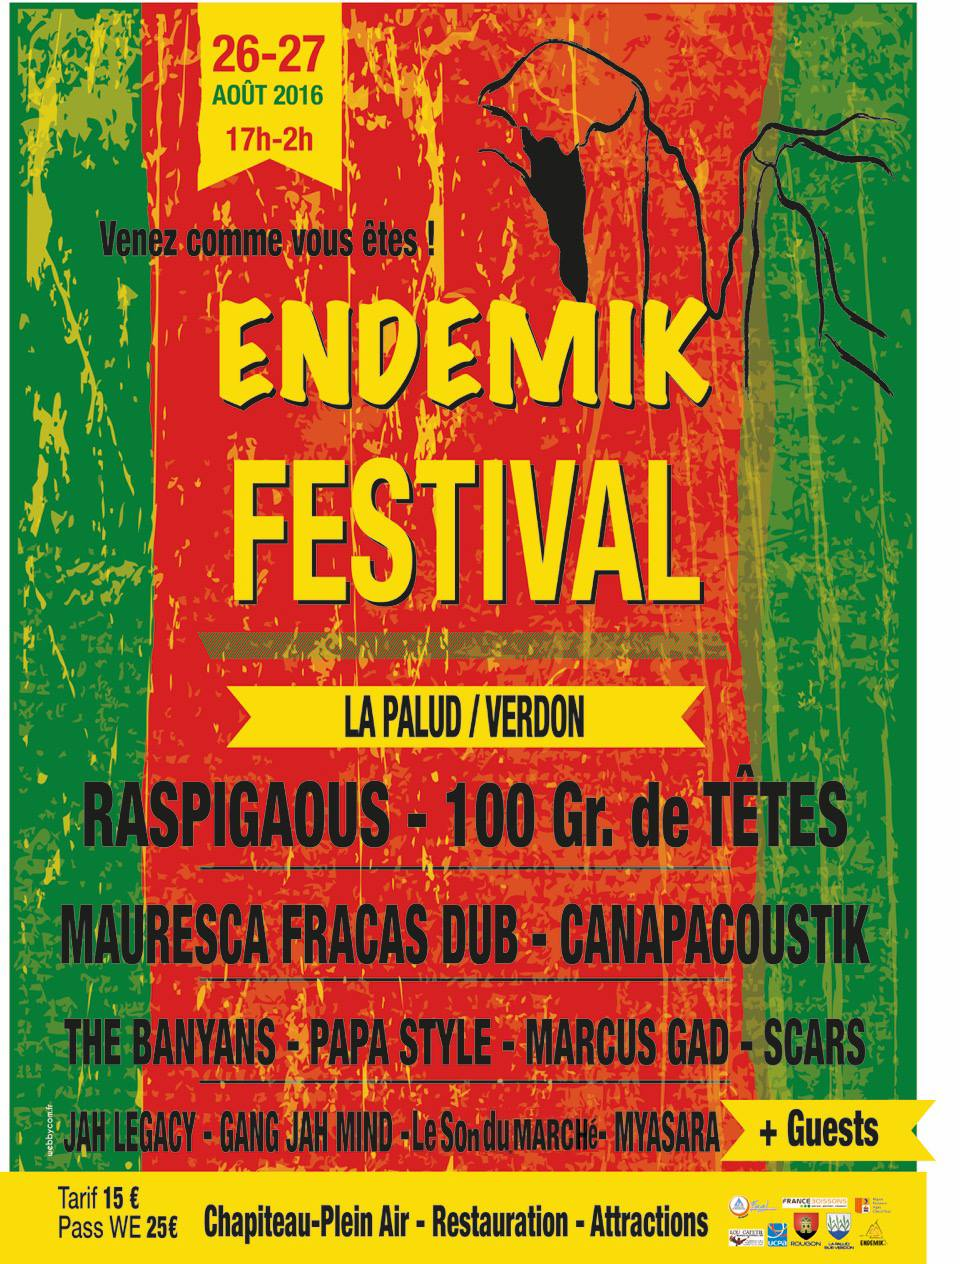 ENDEMIK festival : du reggae dans les gorges du Verdon !